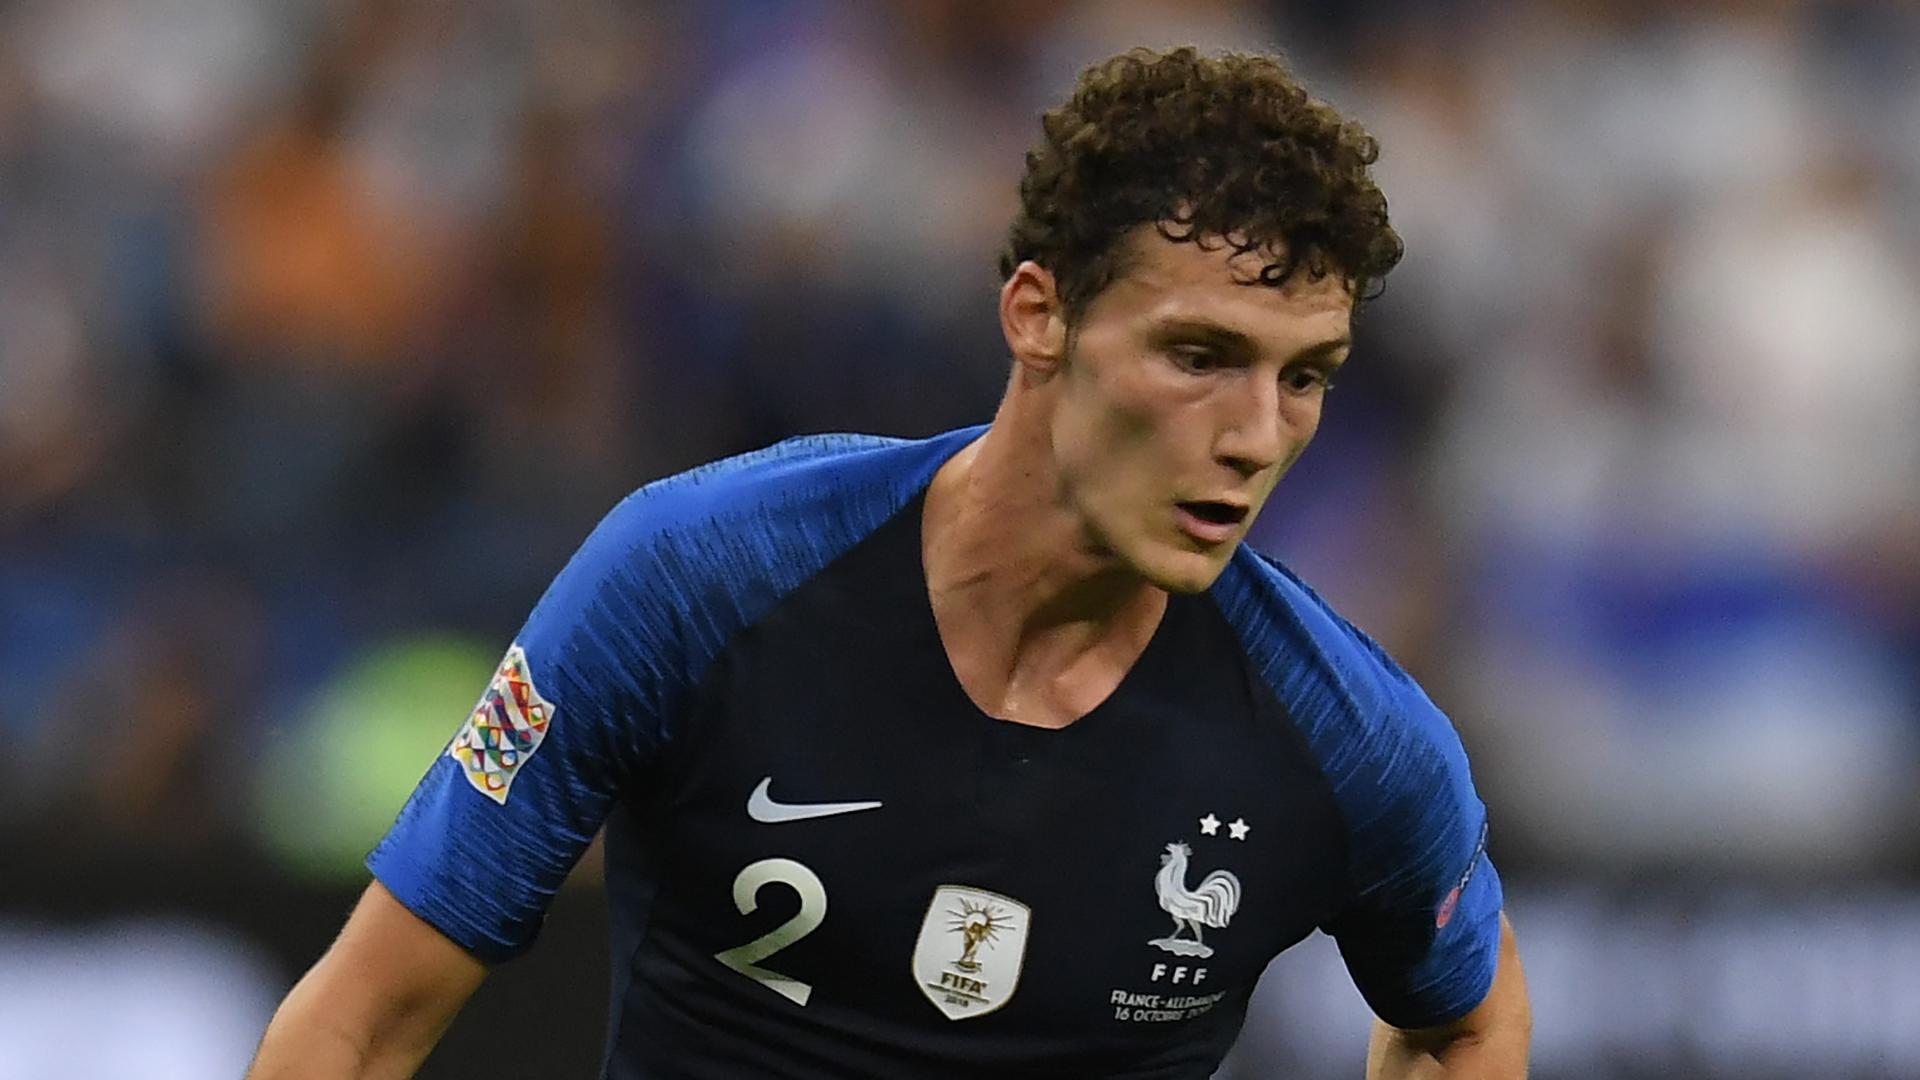 """Équipe de France - Benjamin Pavard : """"Déterminé à tout casser l'année prochaine avec le Bayern Munich"""""""